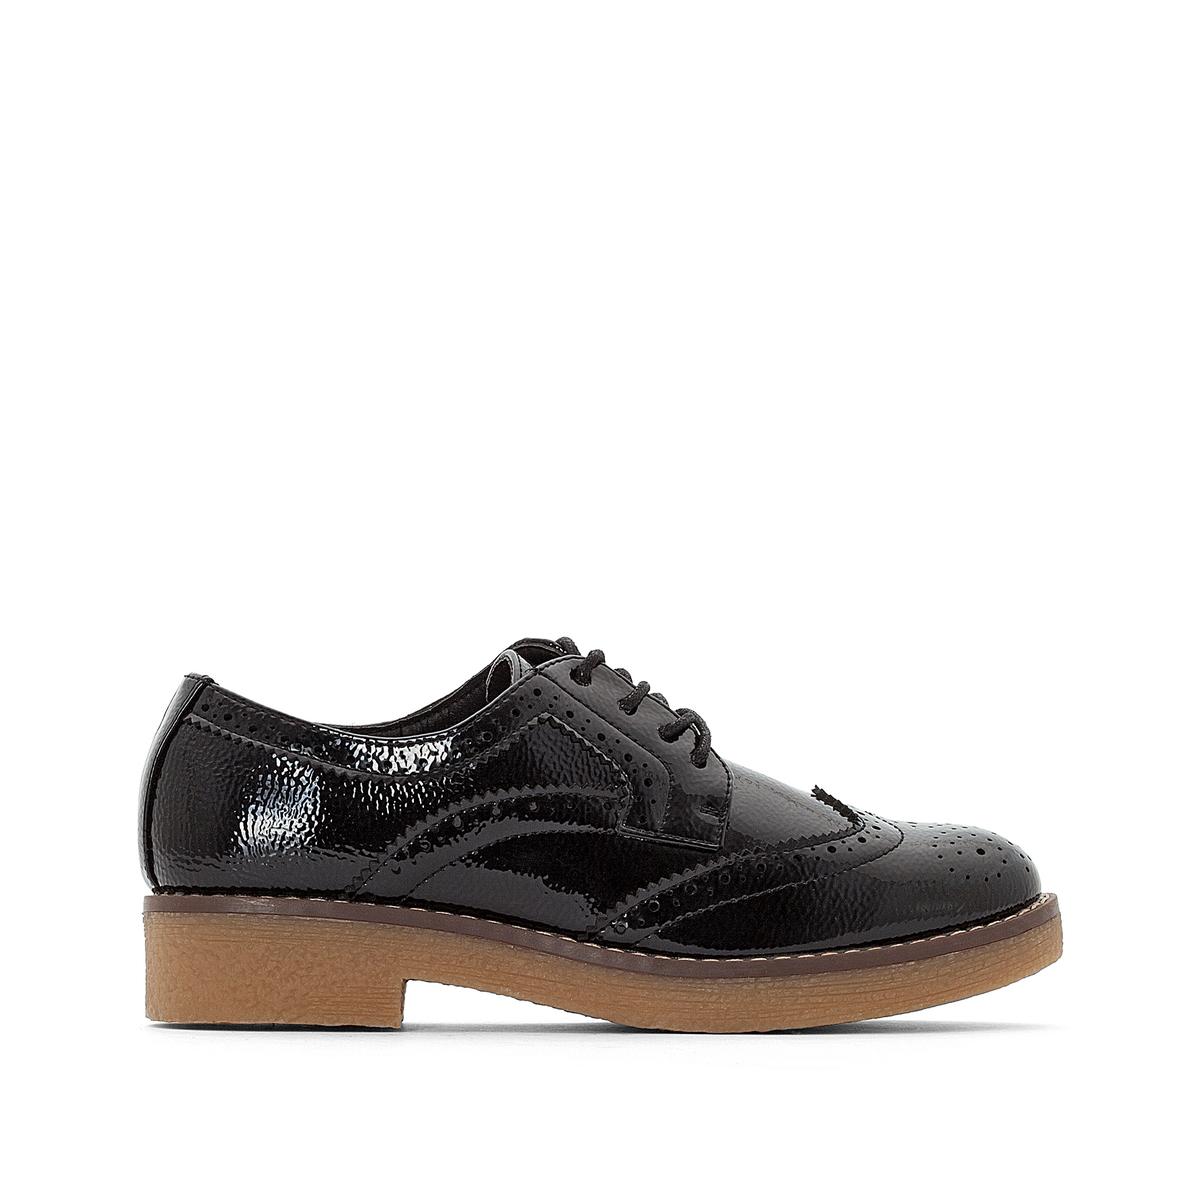 Ботинки-дерби из кожи с подошвой из крепа